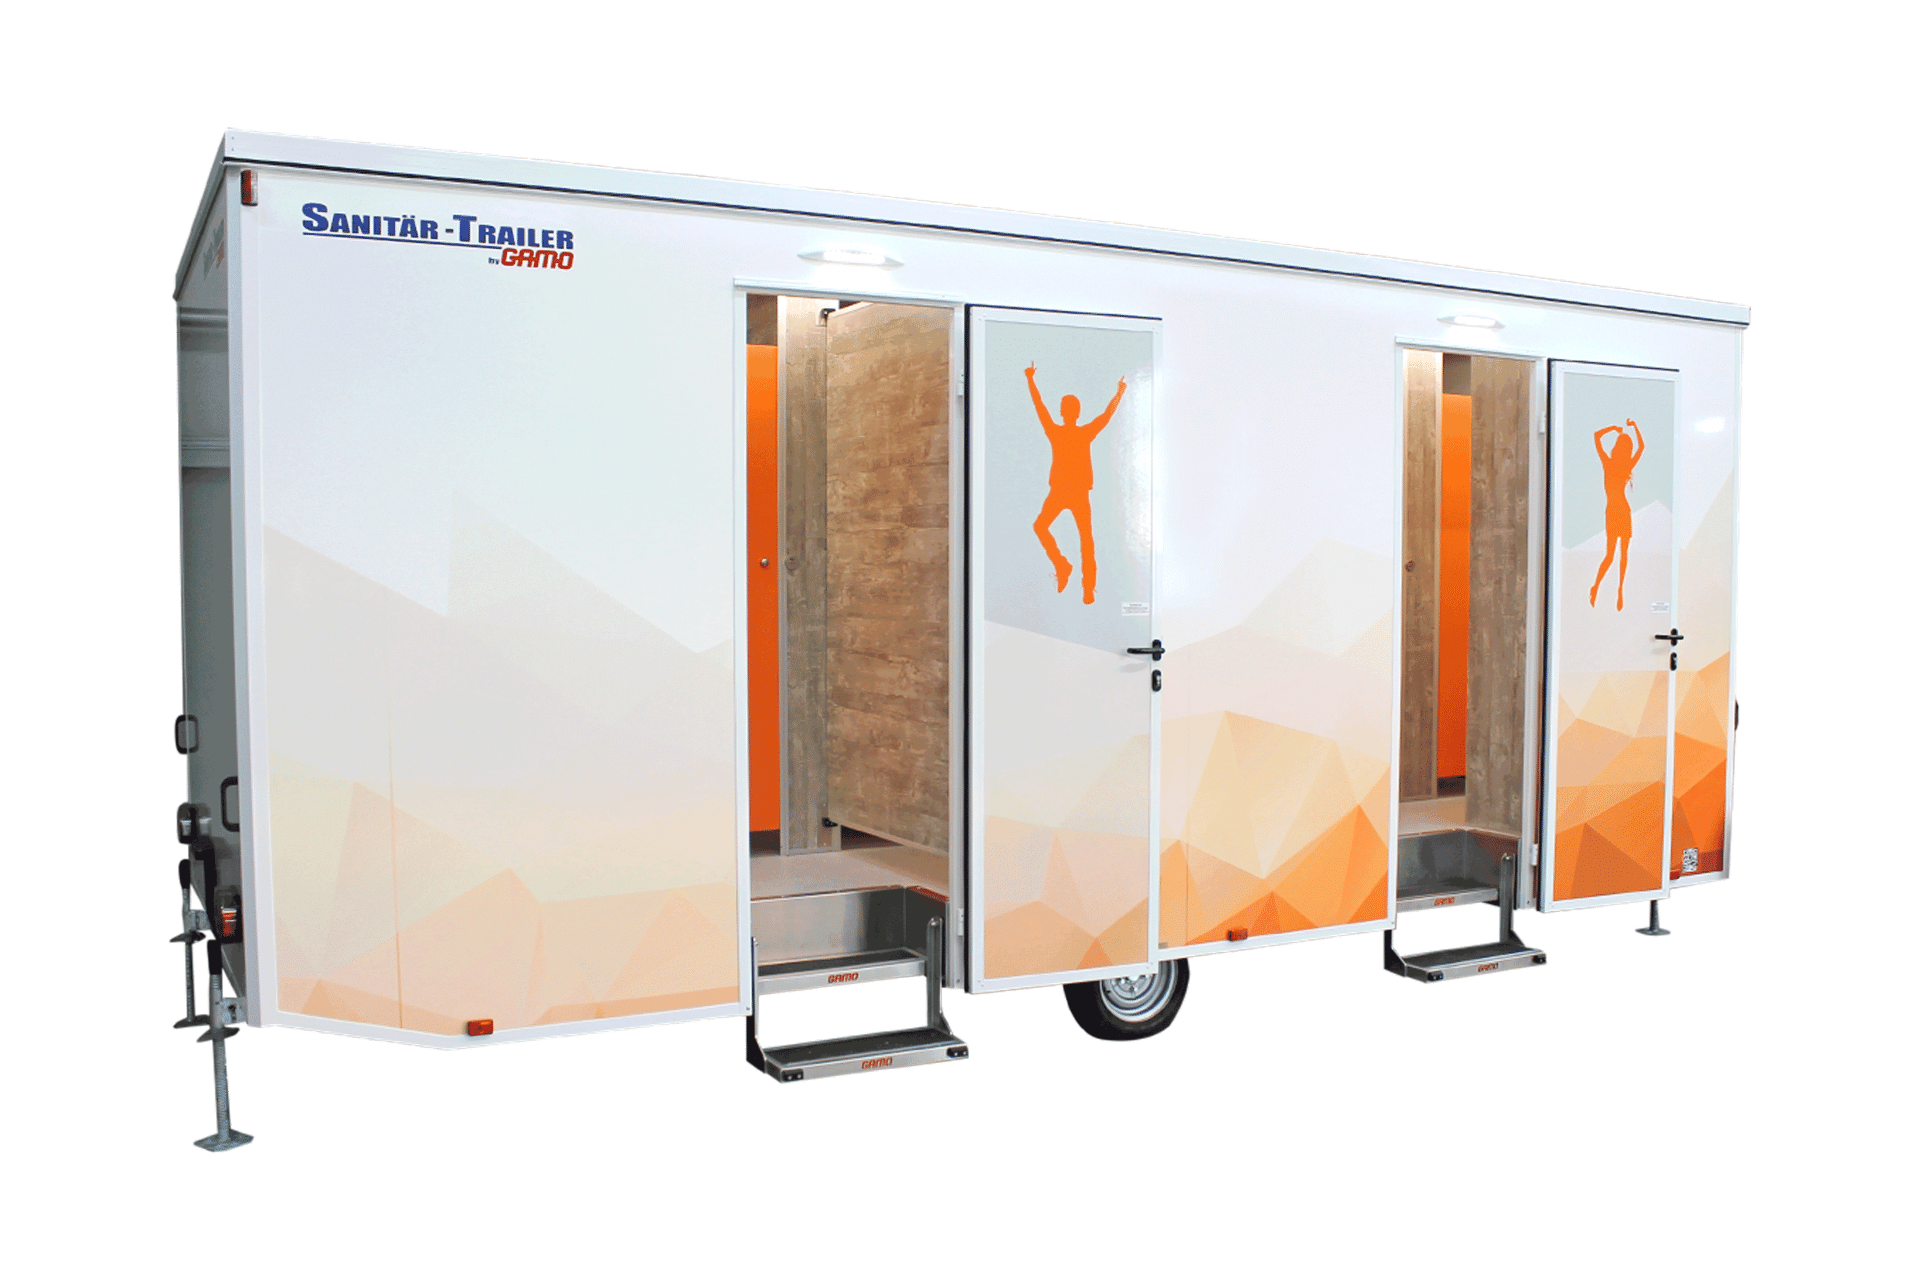 gamo-toilettenwagen-toilettenanhaenger-ftt-610-gross-versetzbare-trennwand-6-toiletten